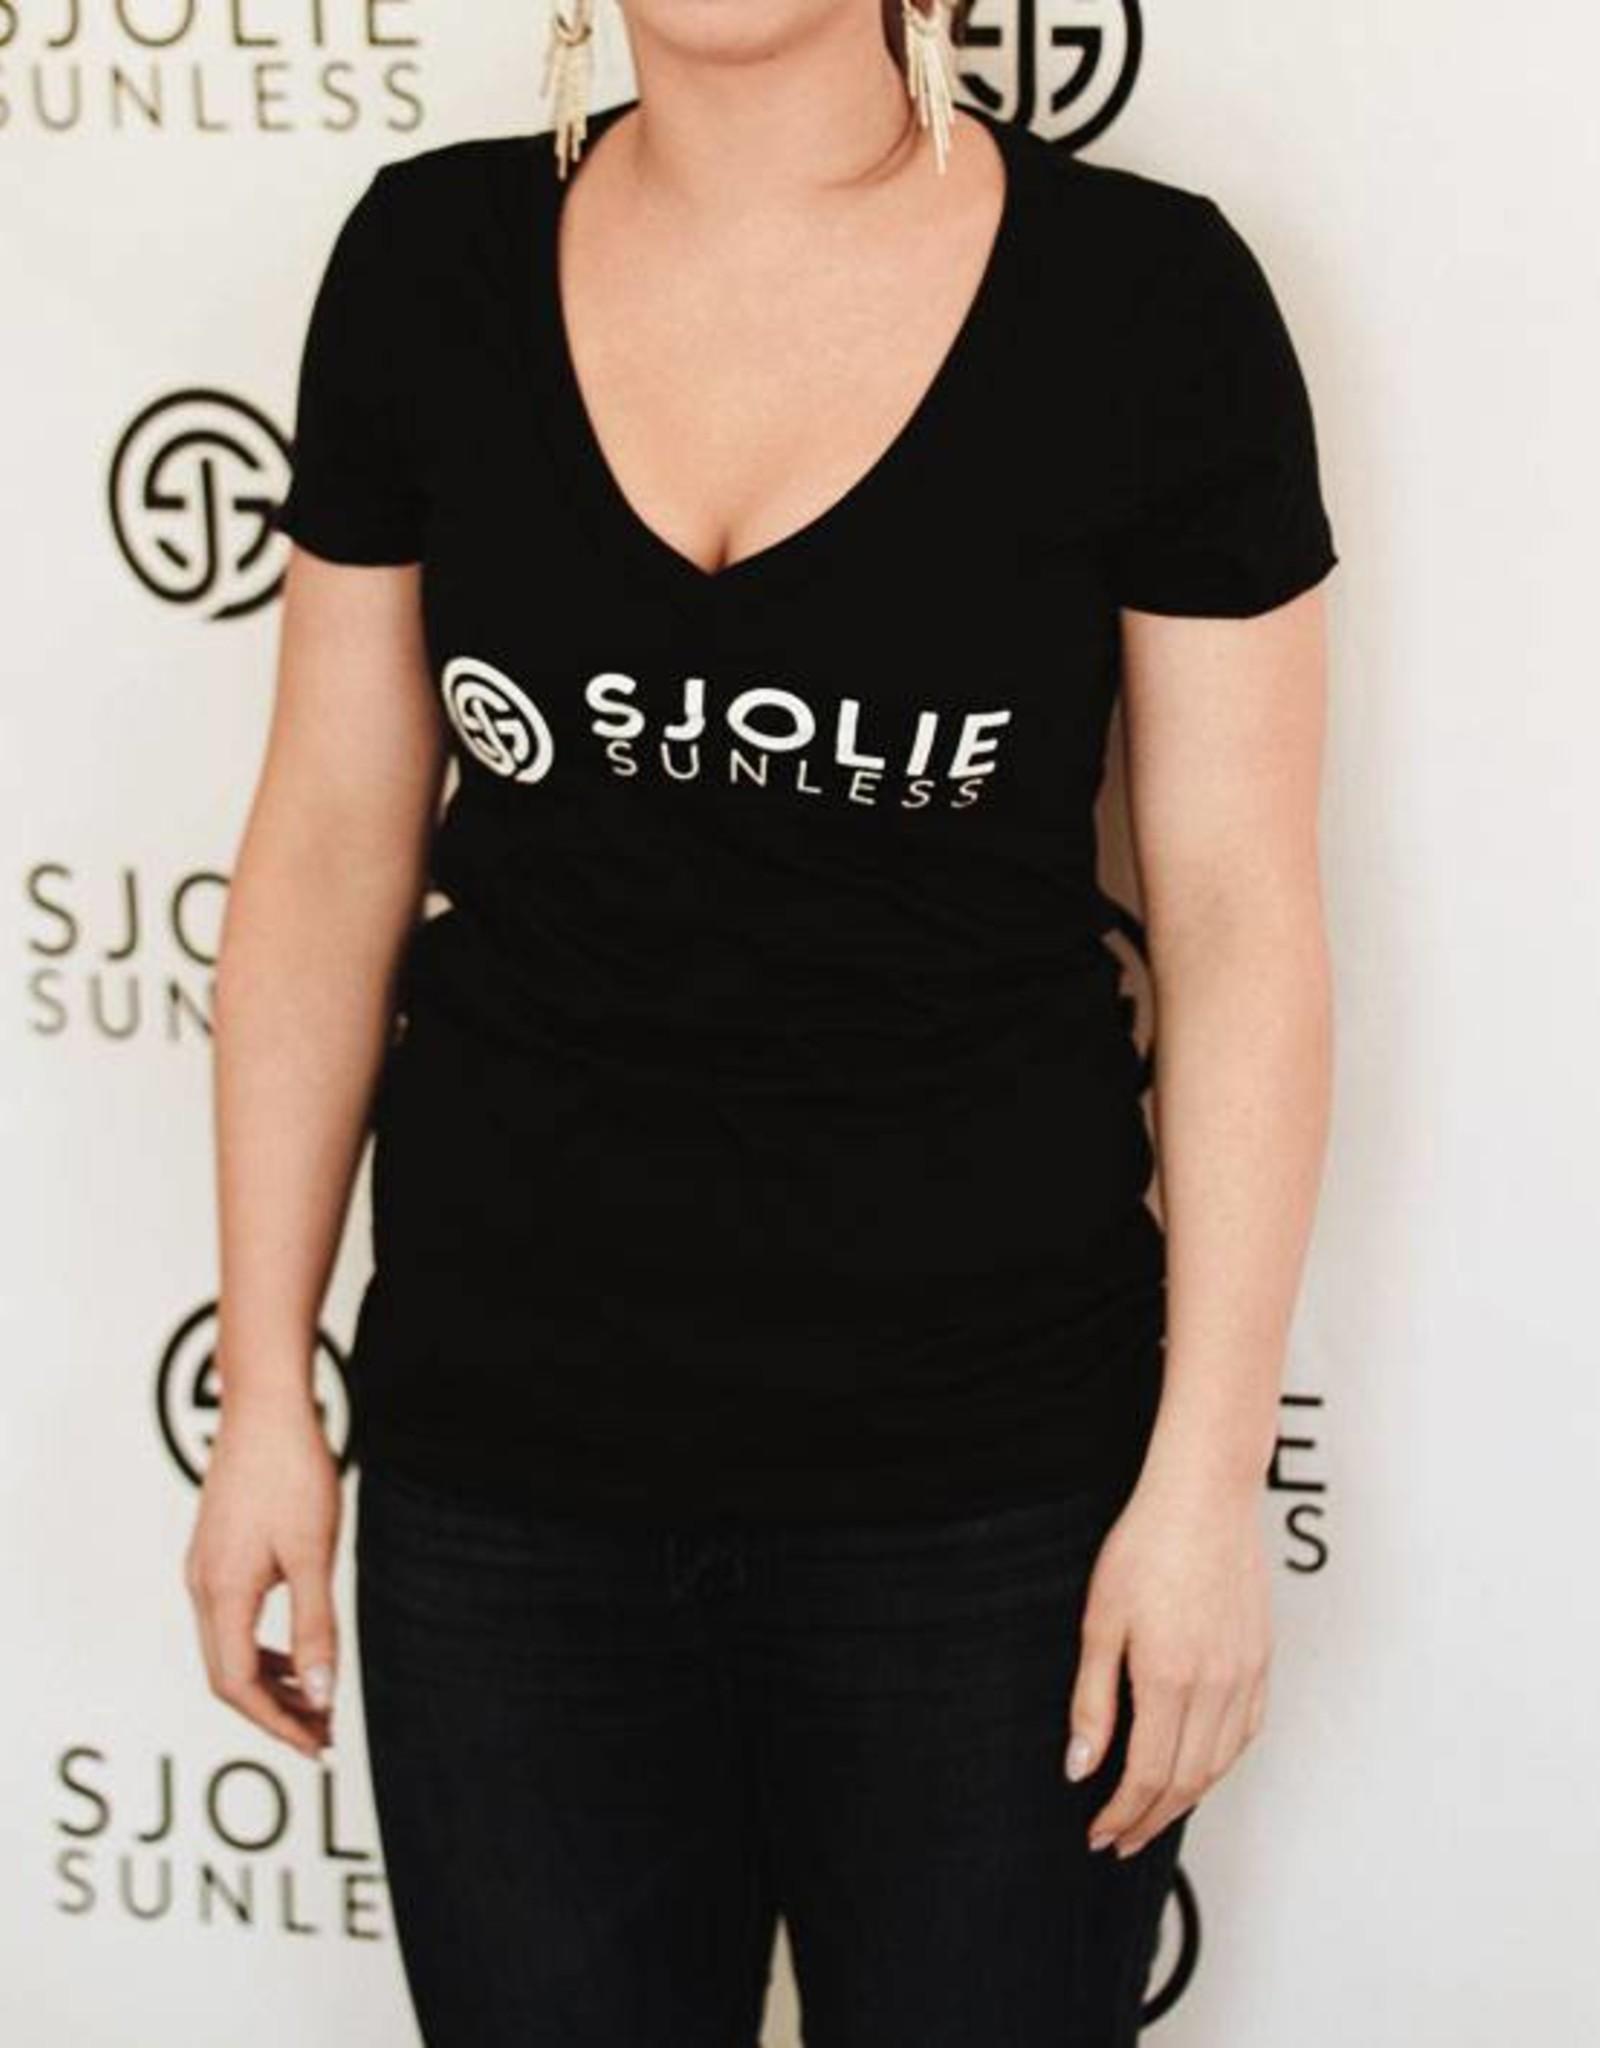 Sjolie Sjolie Sunless Women's T-Shirt